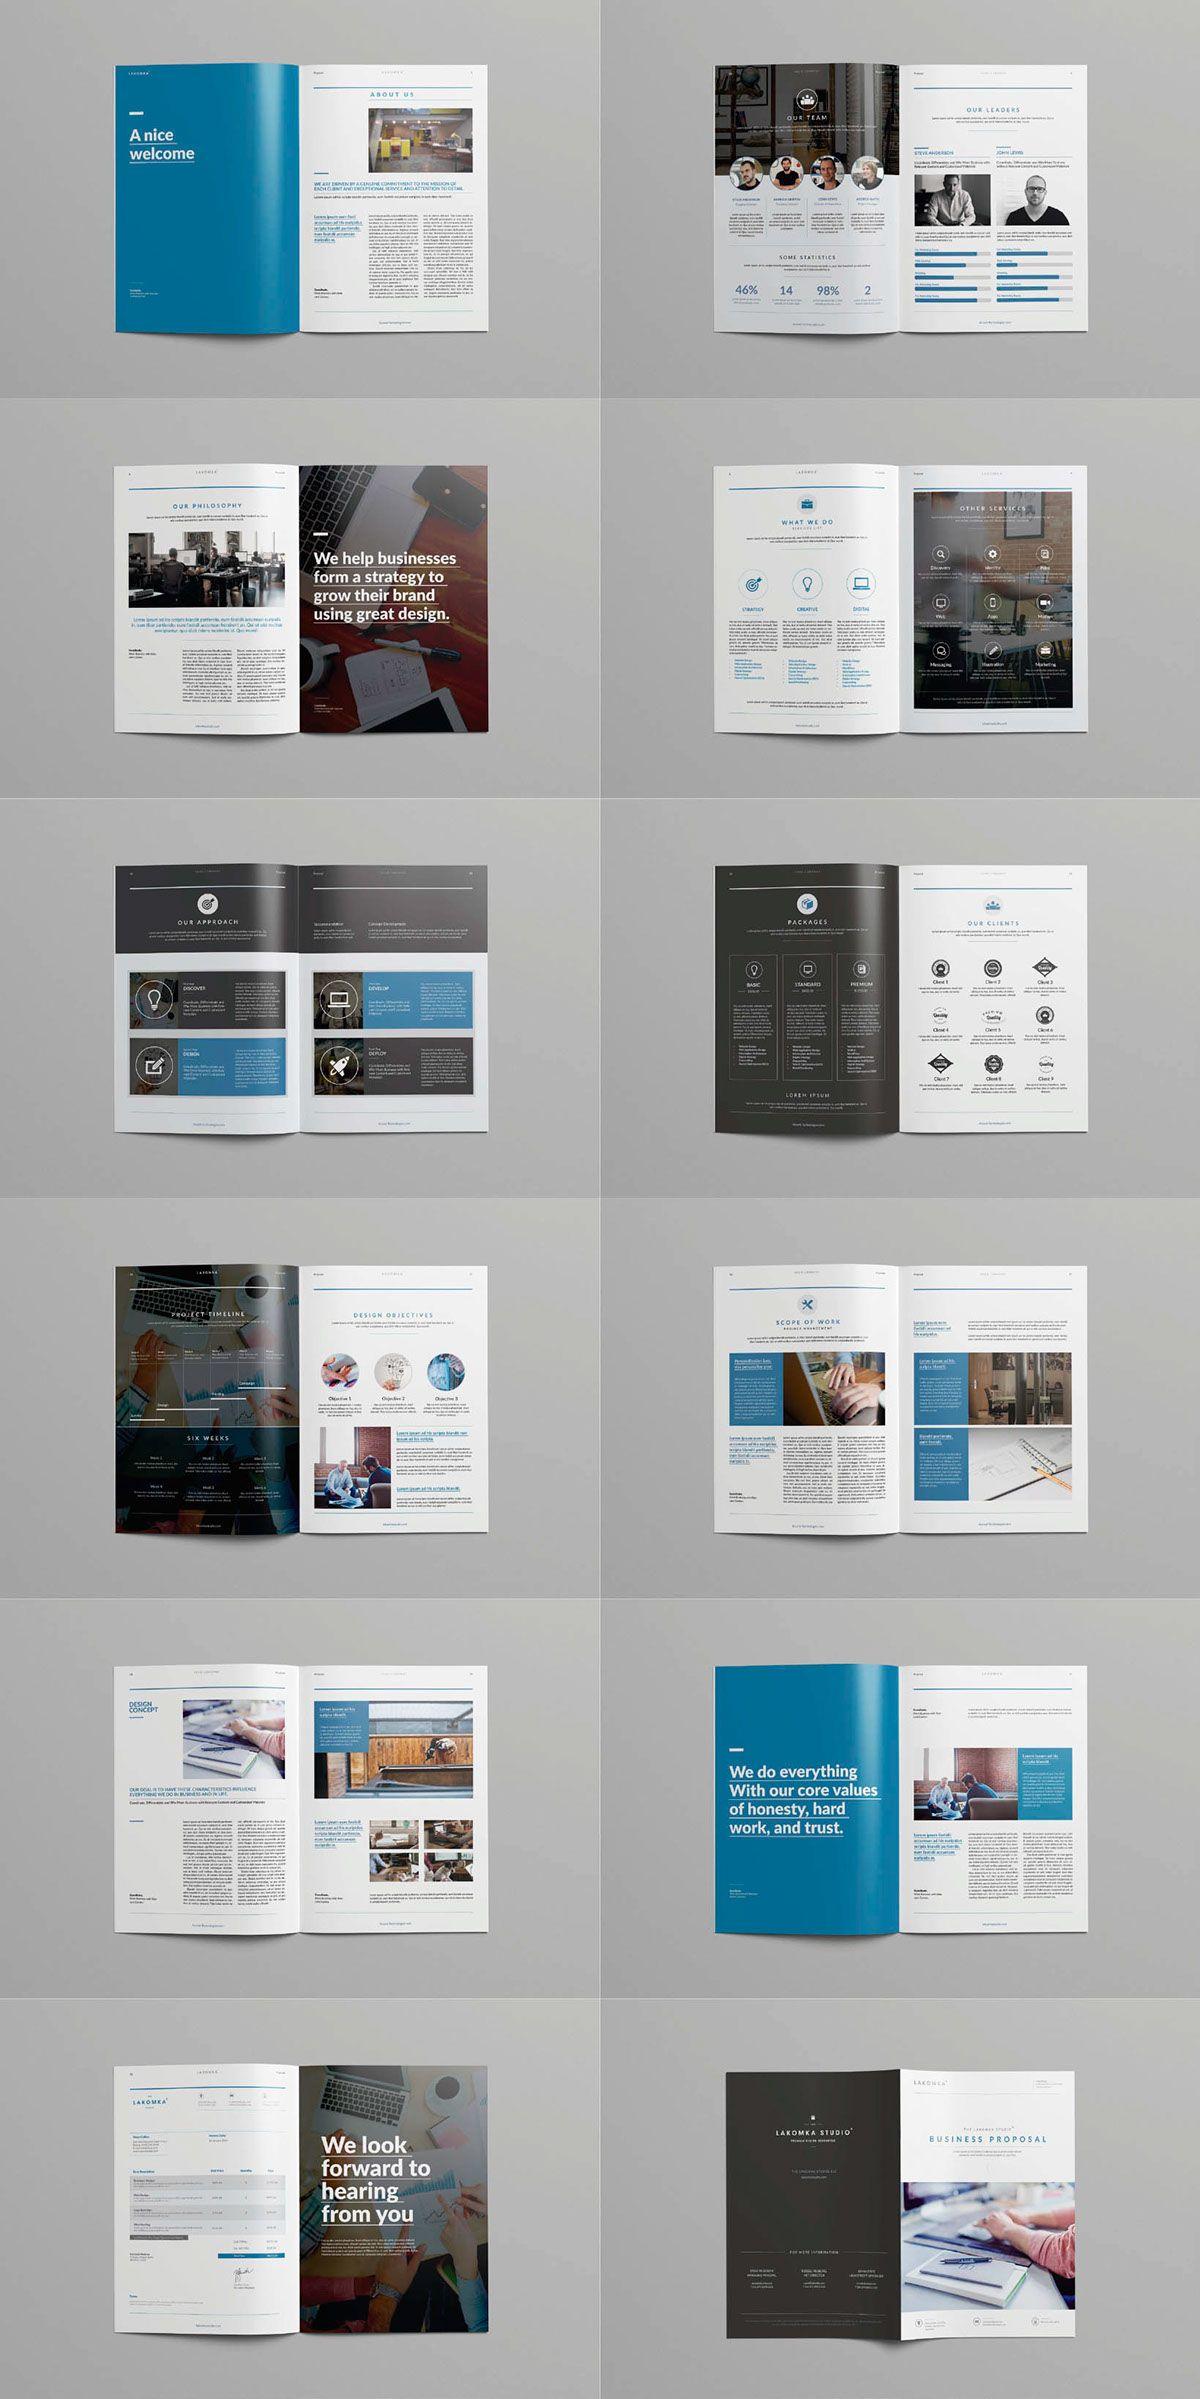 Epingle Sur Layout Design White Paper